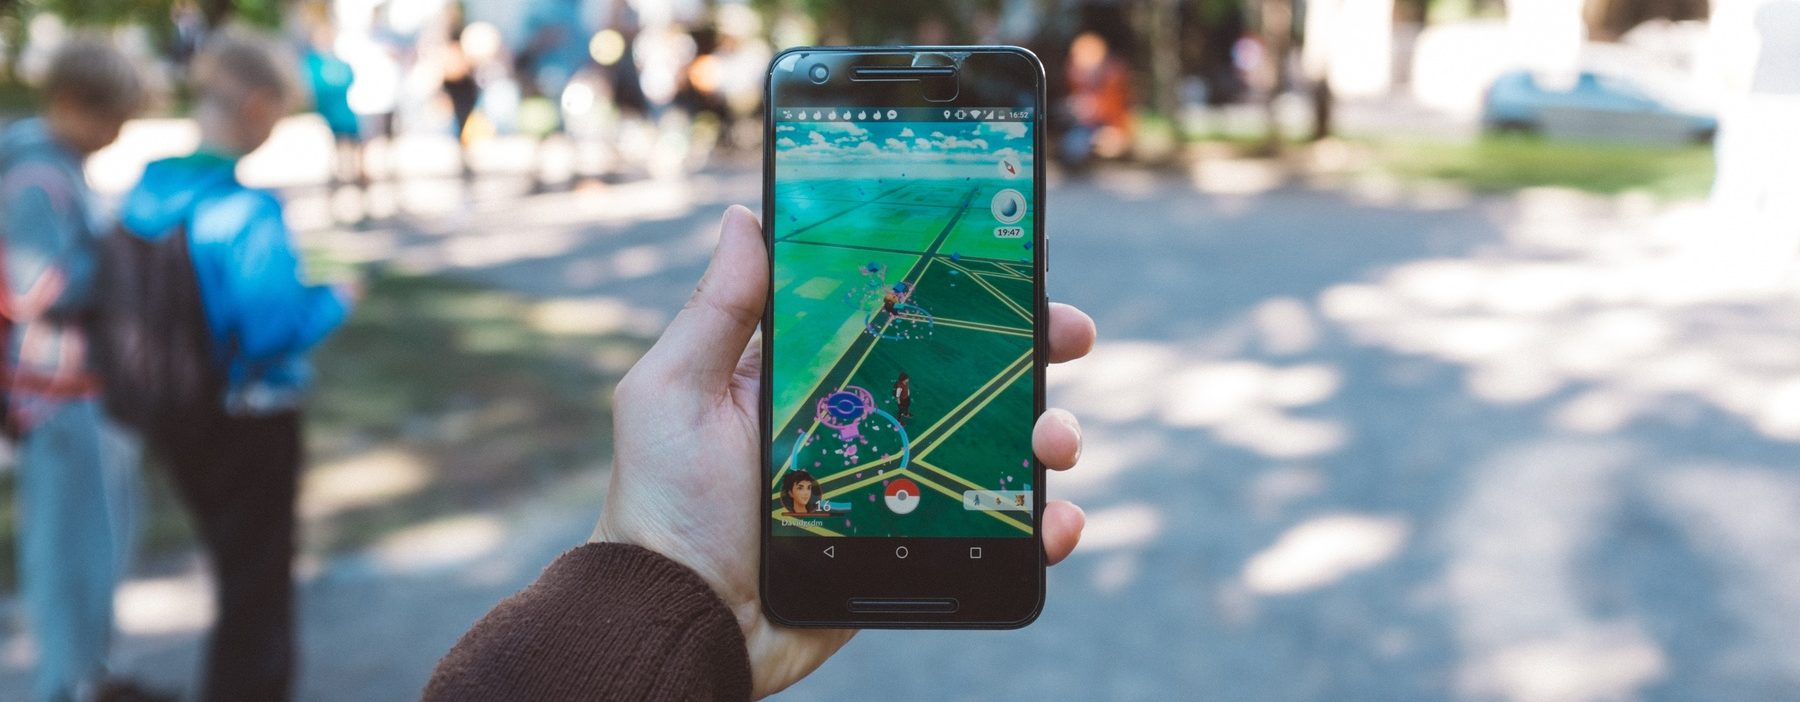 Los juegos de smartphone que han causado tendencia